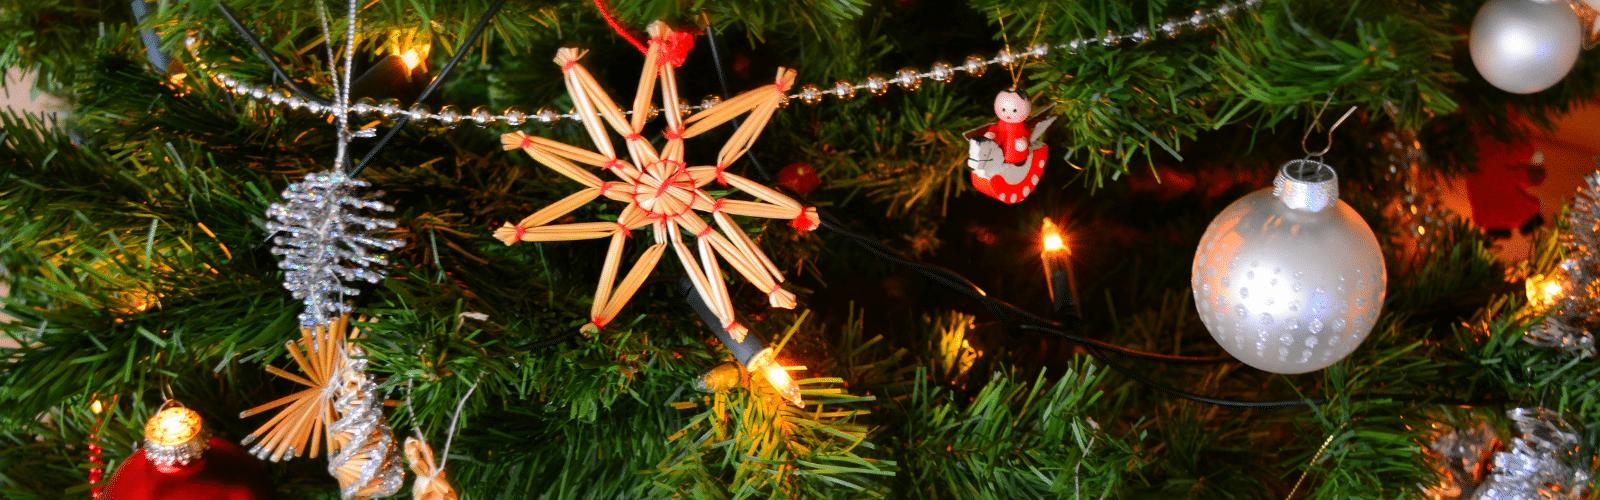 Activités pour préparer Noël avec les enfants : 8 idées faciles à réaliser !